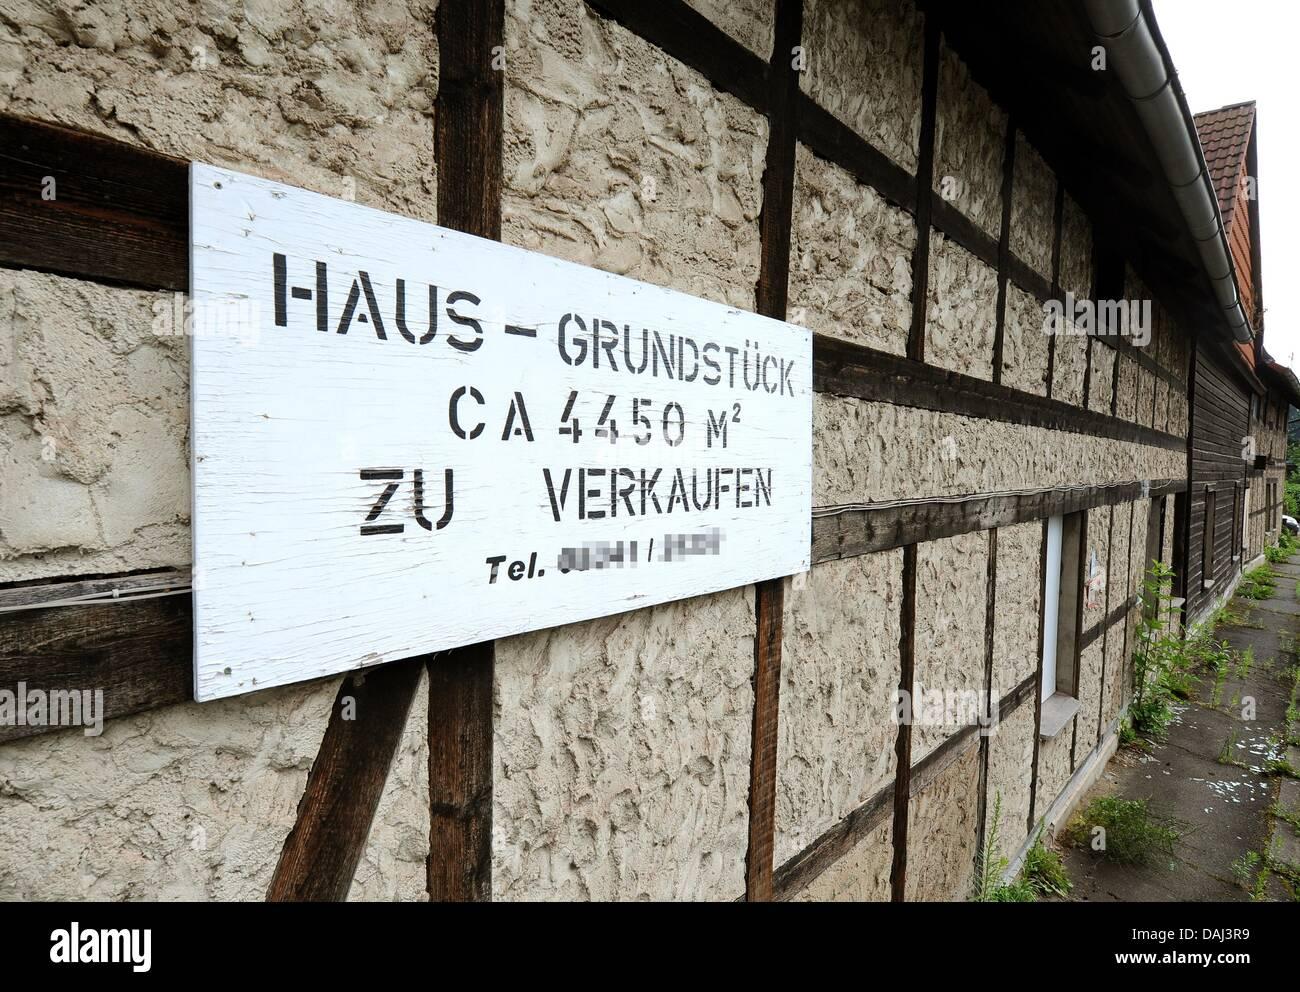 Ausgezeichnet Log Rahmenhaus Bilder - Benutzerdefinierte ...